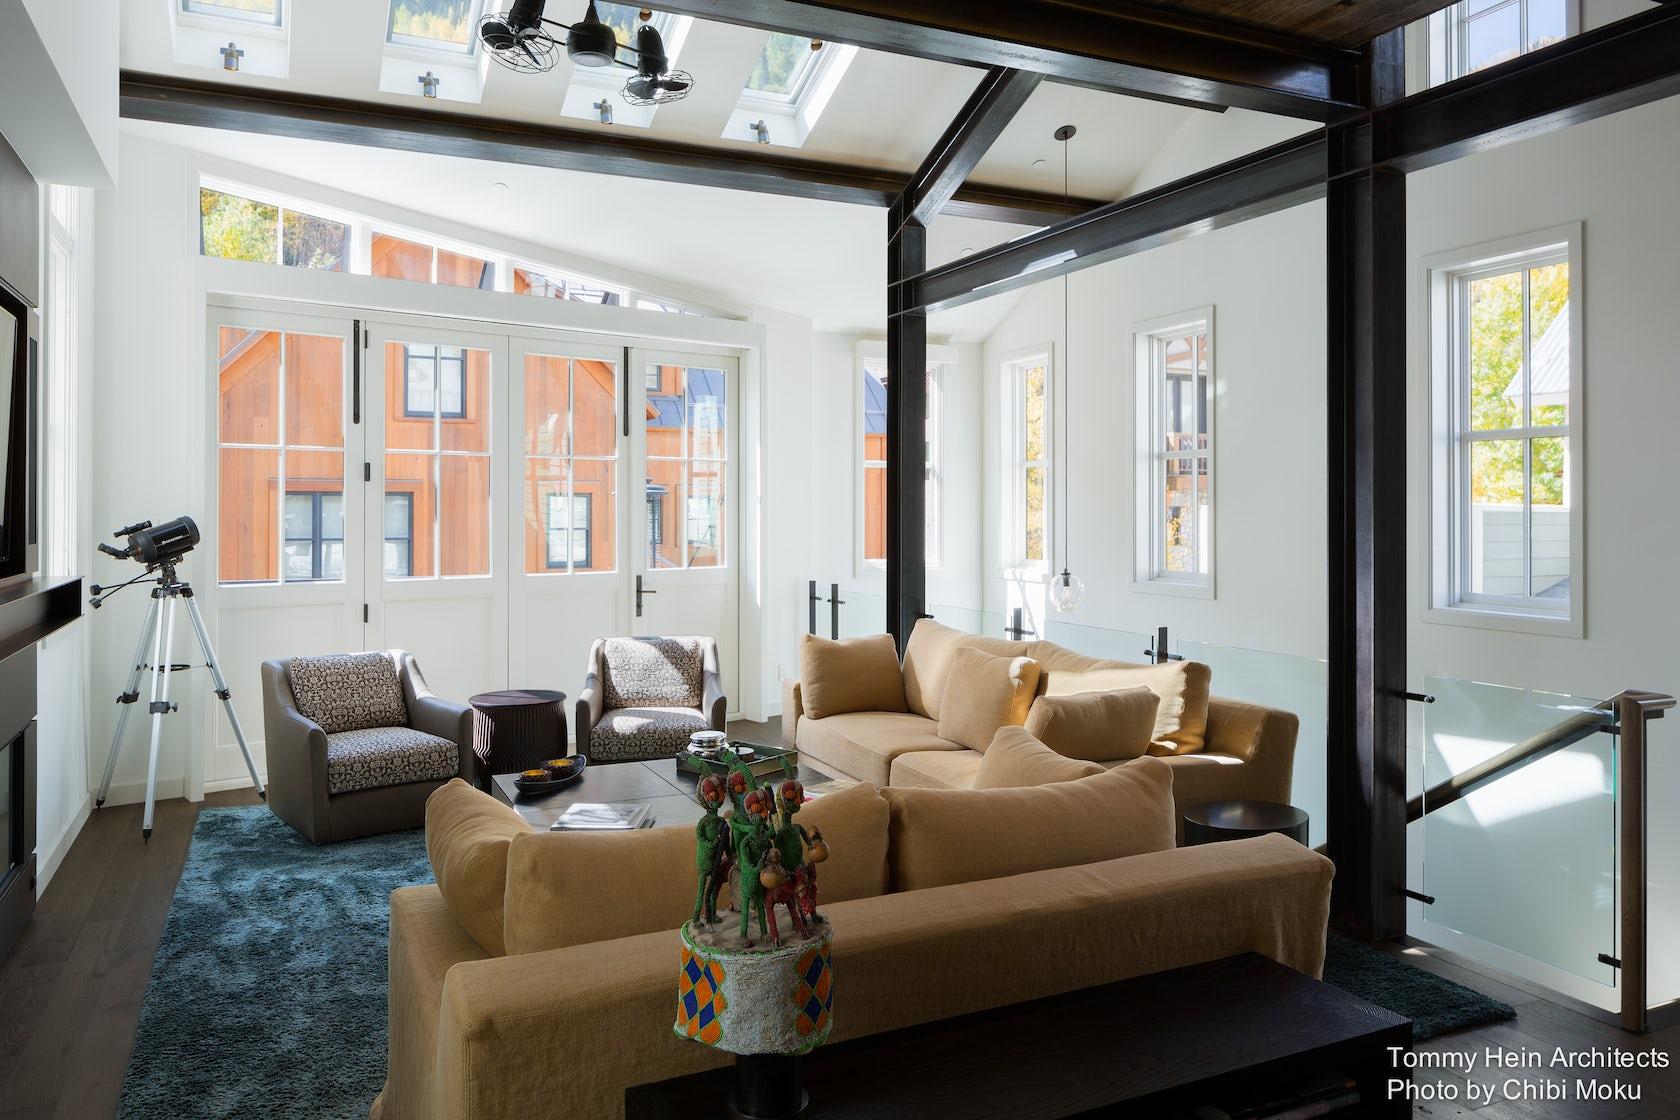 Tommy Hein Architects | Depot House on Architizer